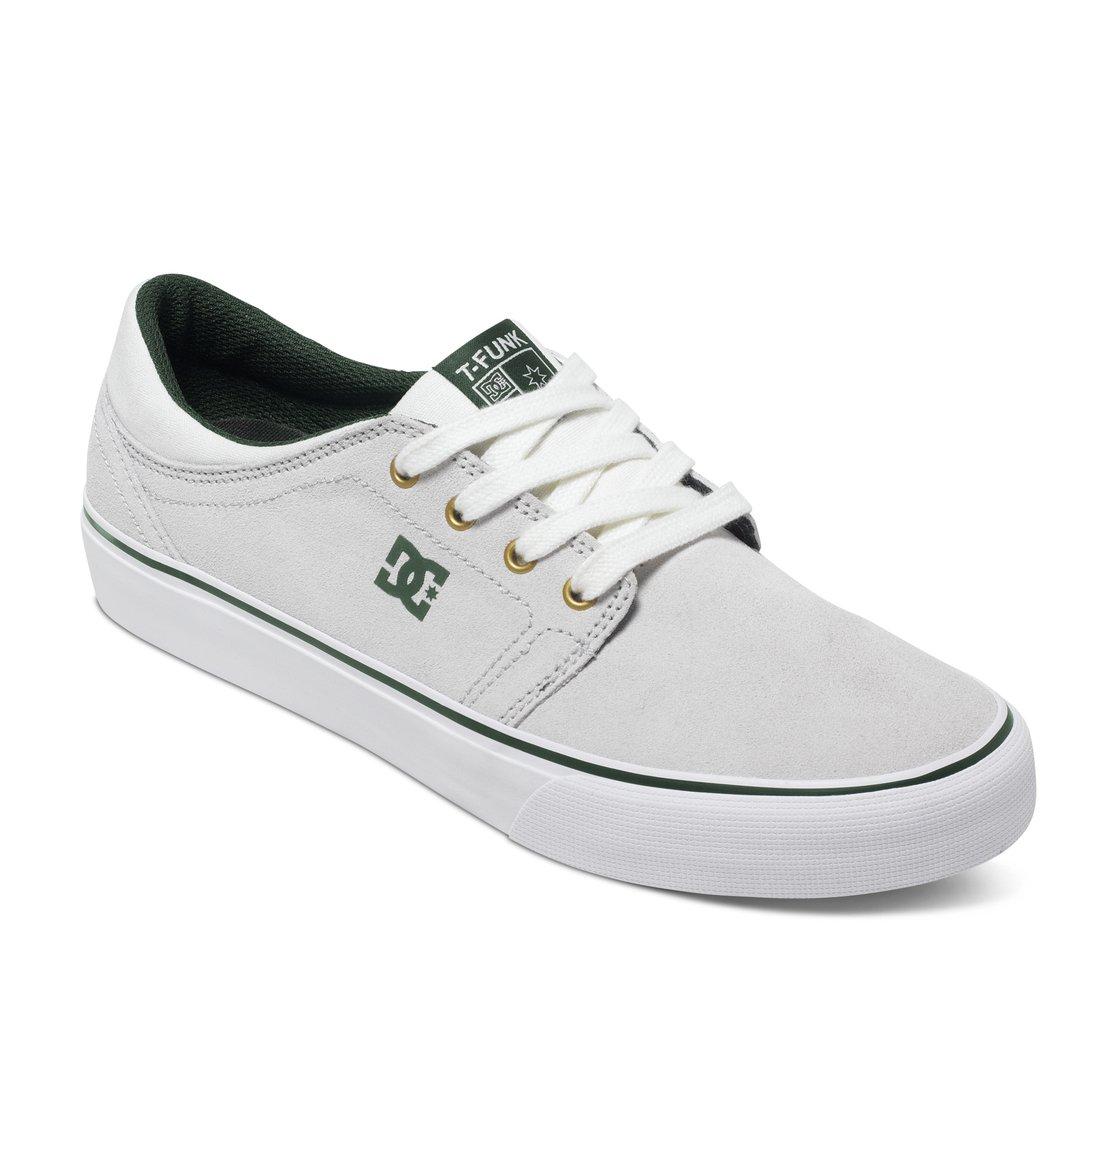 Dc Shoes Trase S Zapatillas w6fJtm2